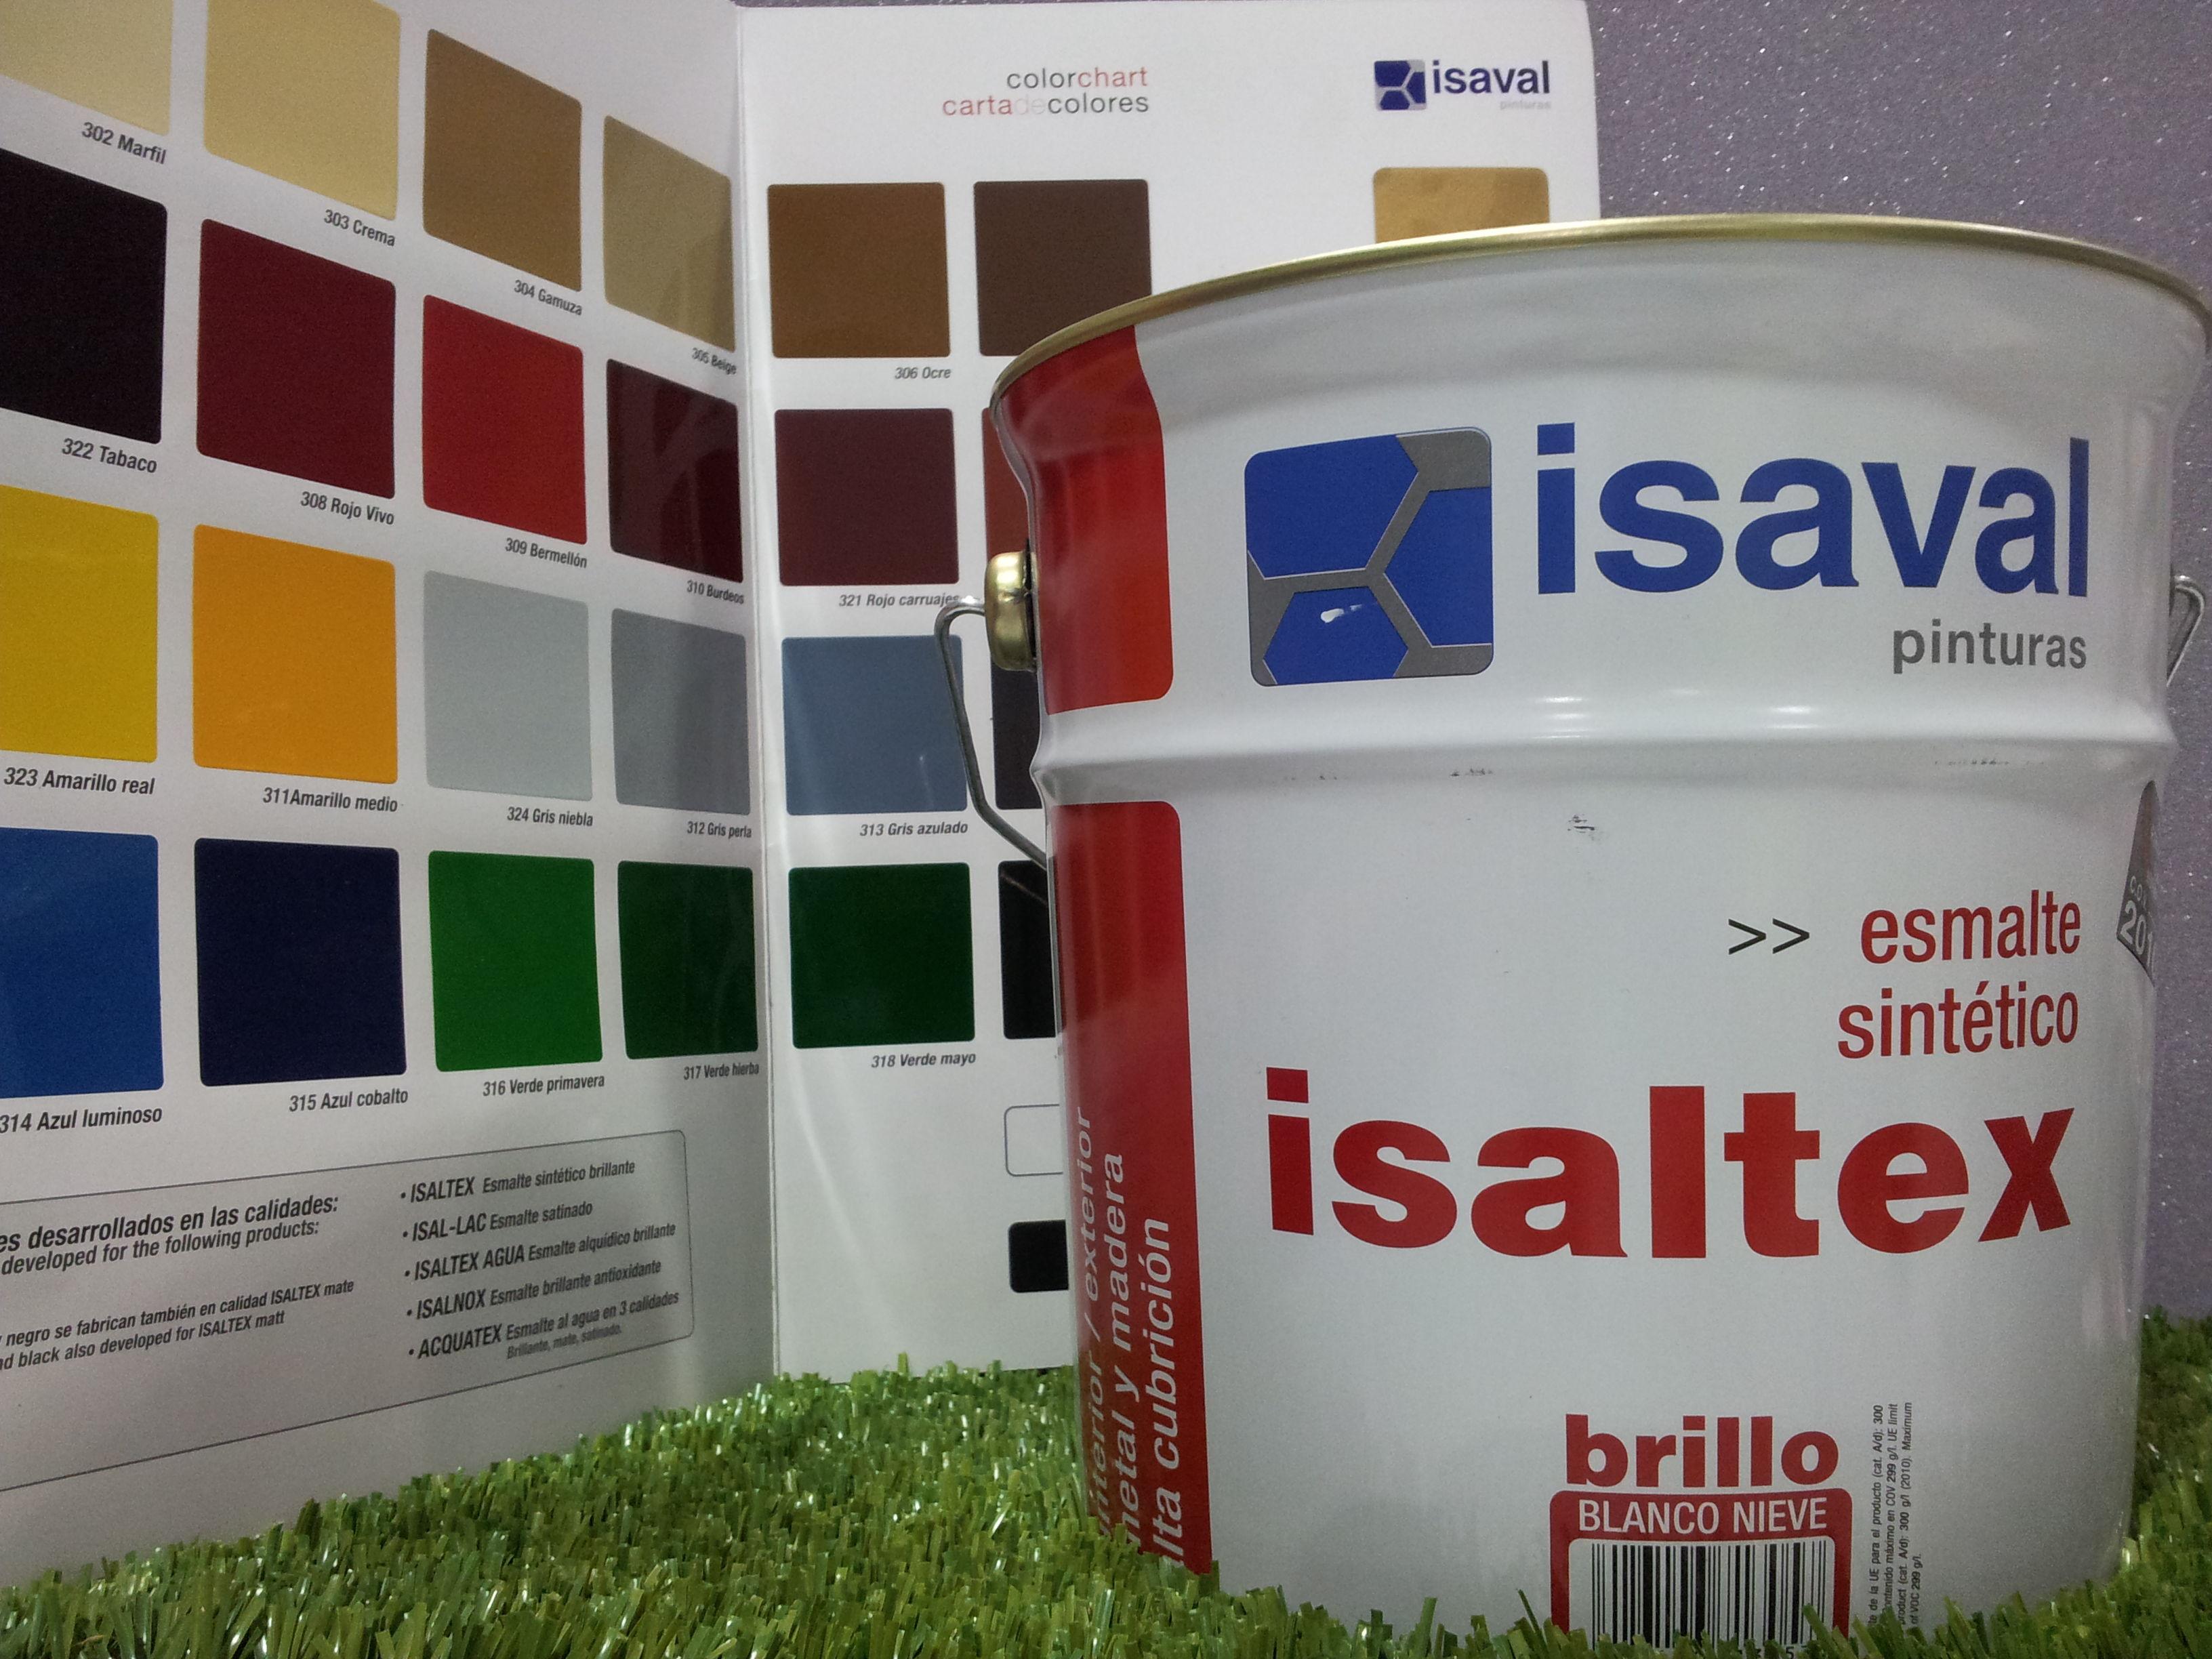 Esmalte ISAVAL sintético Isaltex